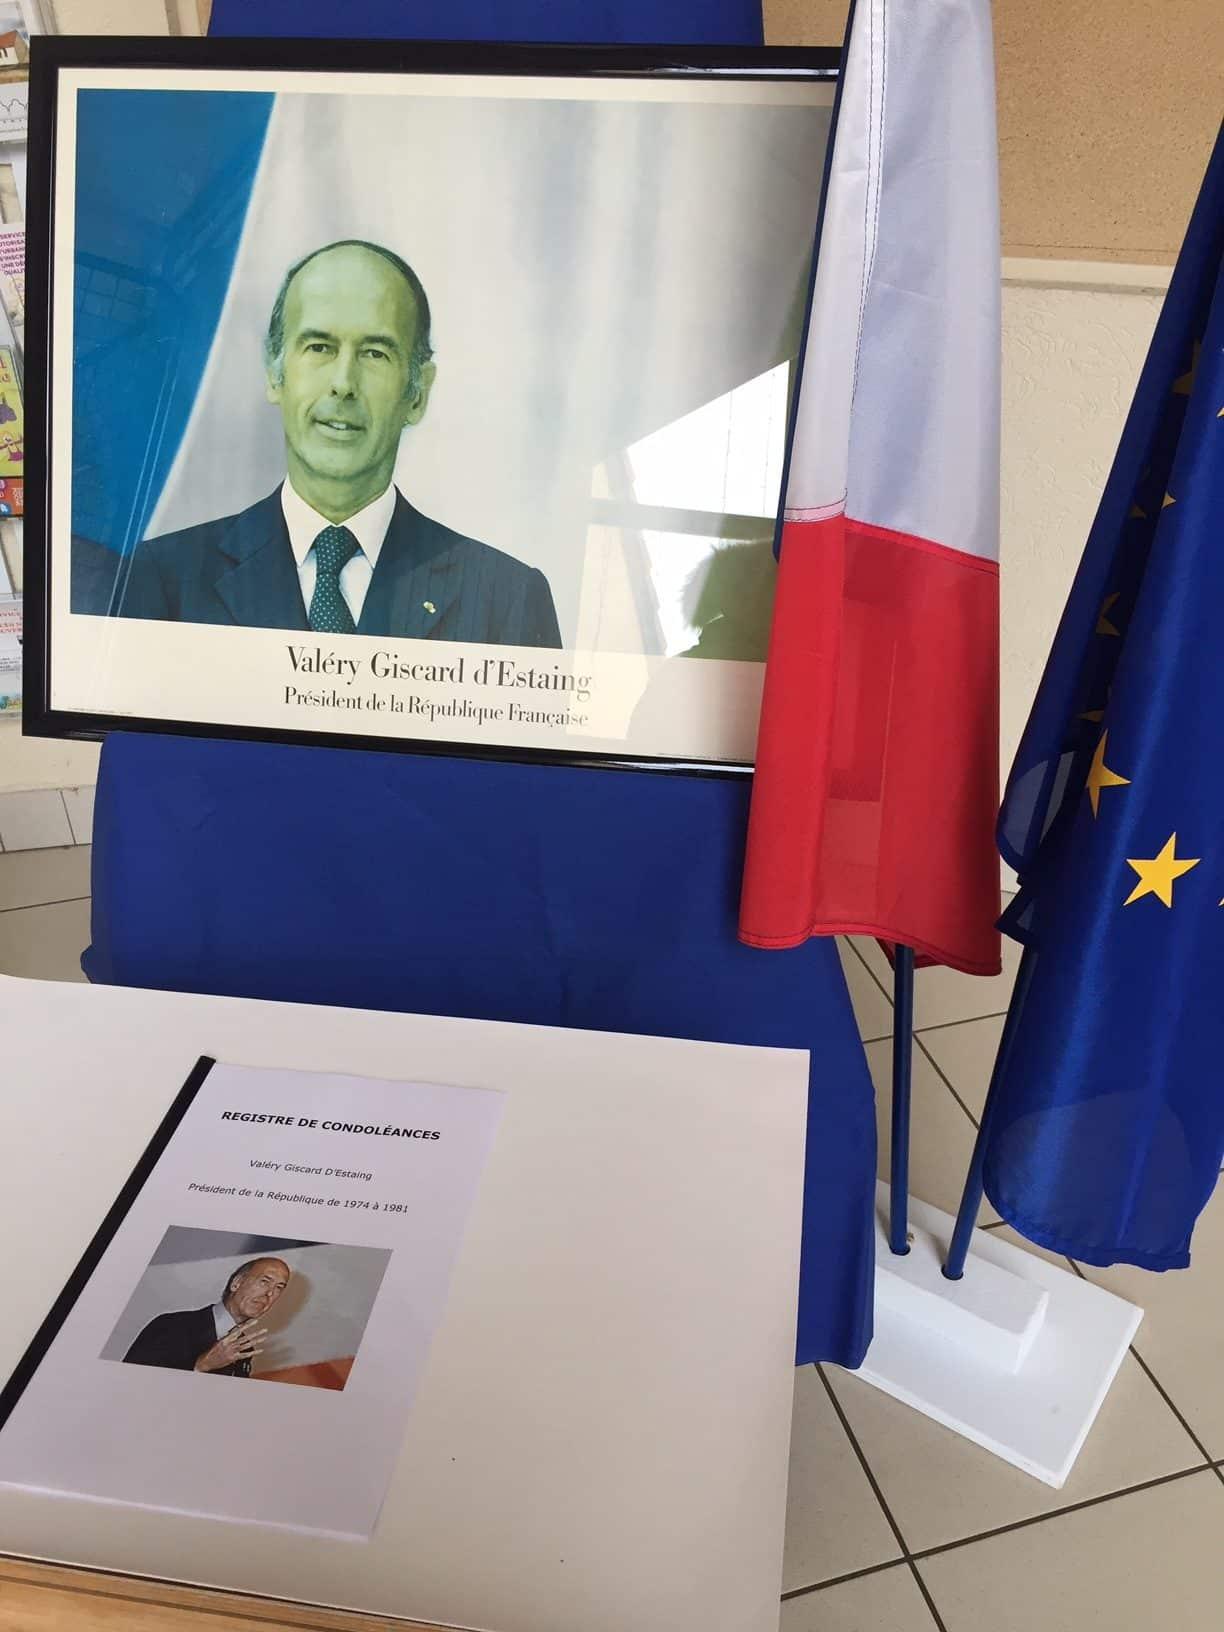 JOURNEE DE DEUIL NATIONAL- Hommage à V. Giscard d'Estaing, ancien Président de la République